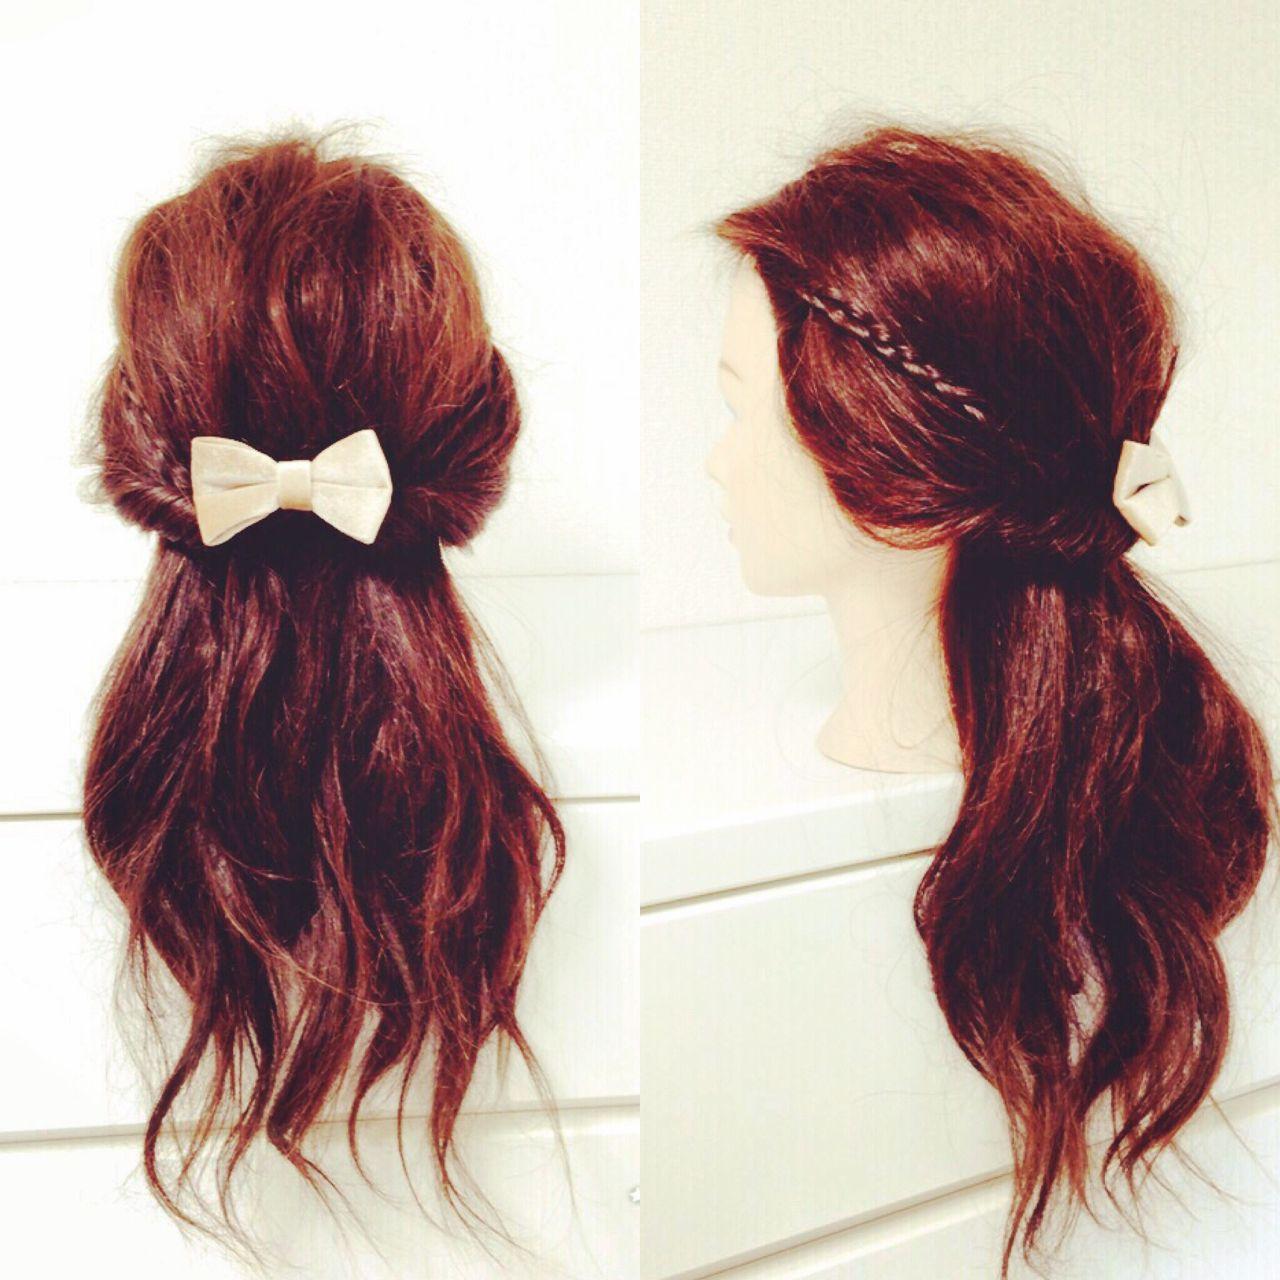 ヘアアレンジ 三つ編み 簡単ヘアアレンジ ショート ヘアスタイルや髪型の写真・画像